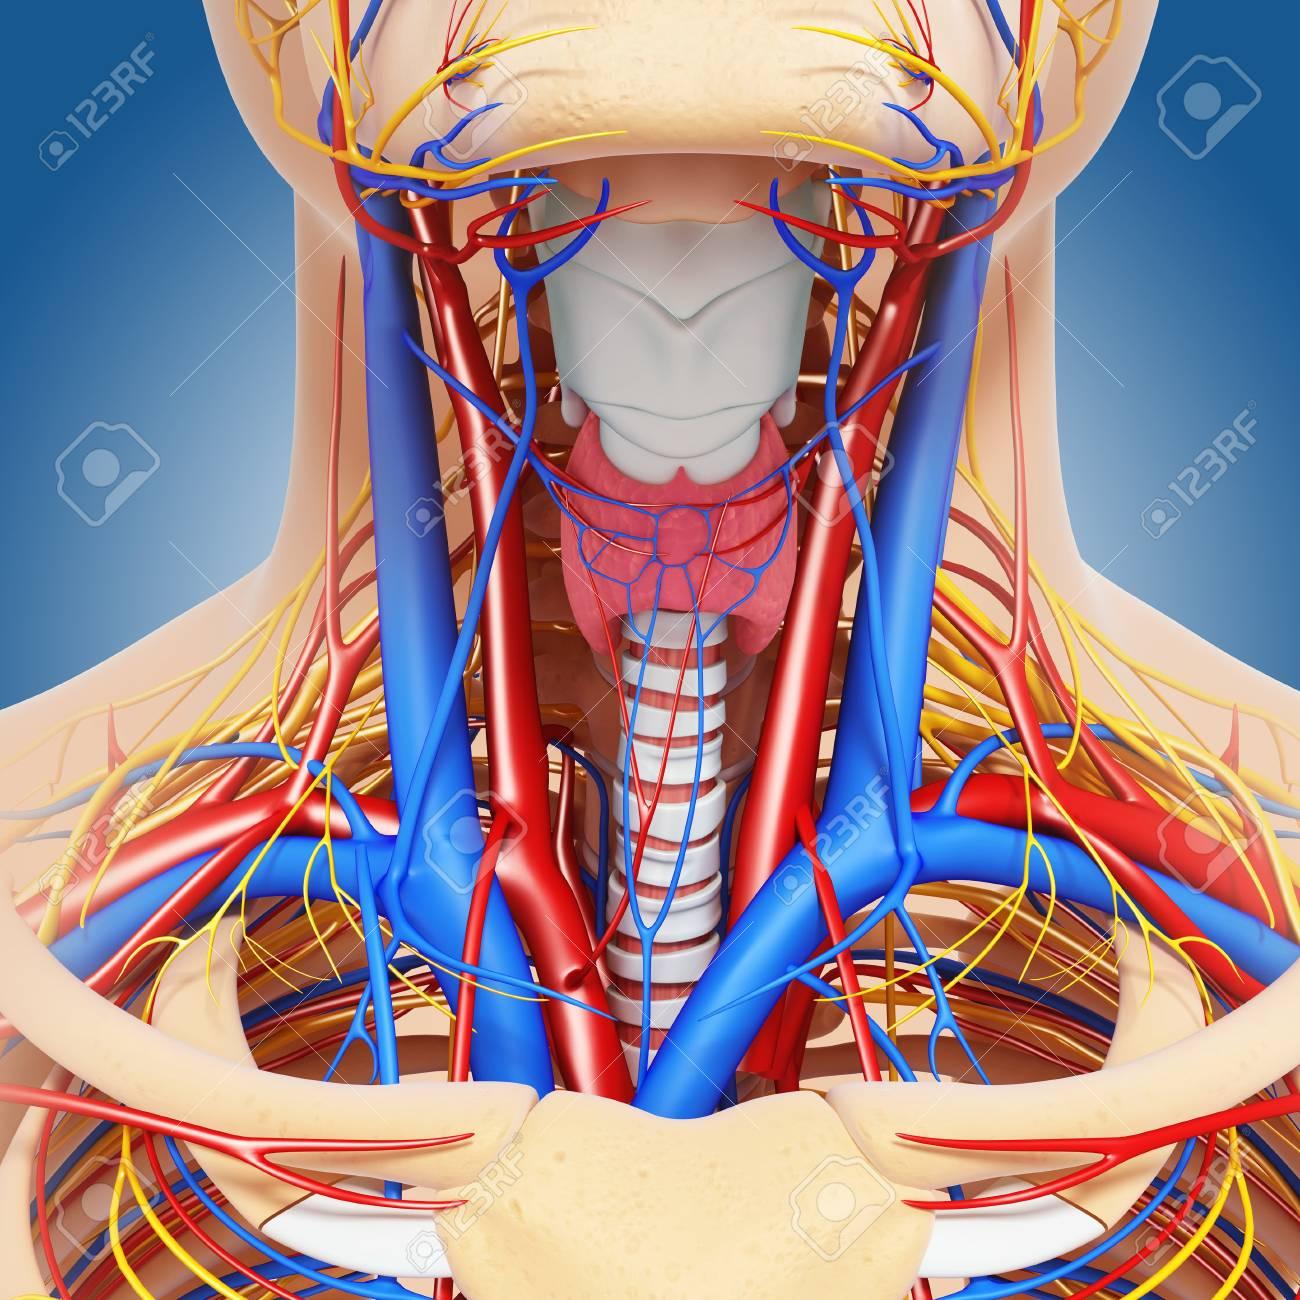 Único Imagen De La Anatomía Del Cuello Embellecimiento - Anatomía de ...